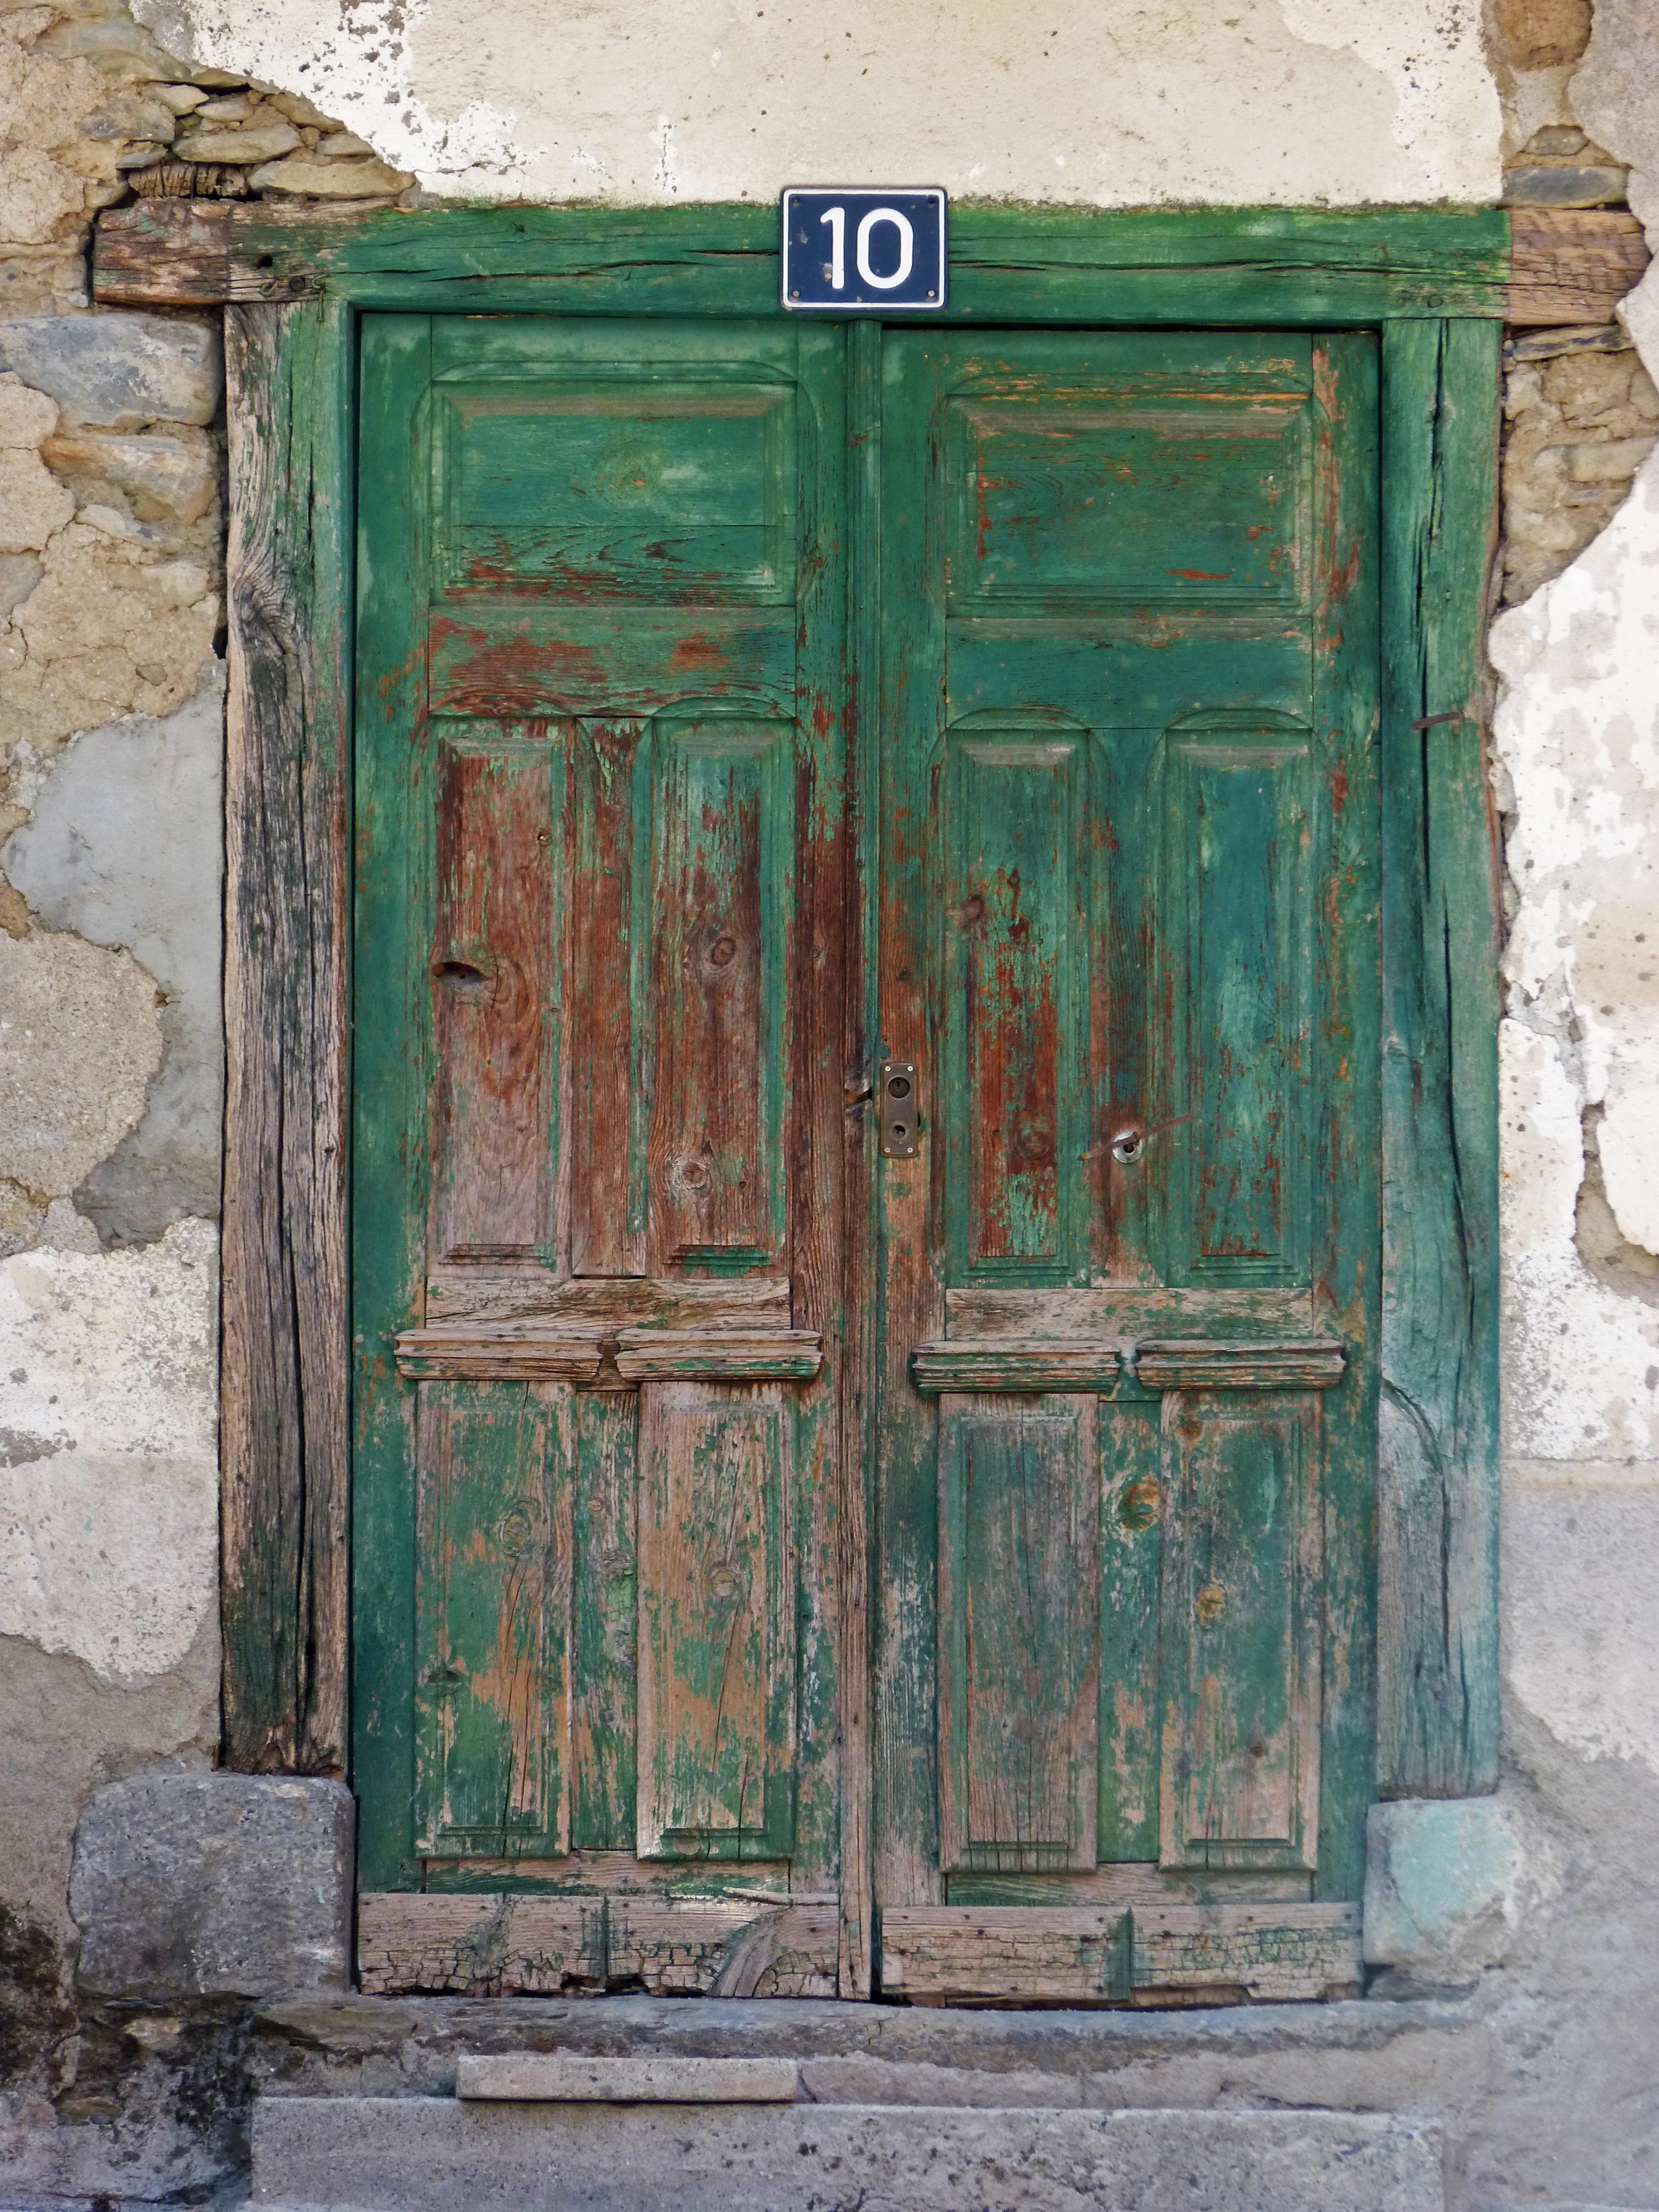 Vieux Portail En Bois images gratuites : bois, antique, fenêtre, vieux, meubles